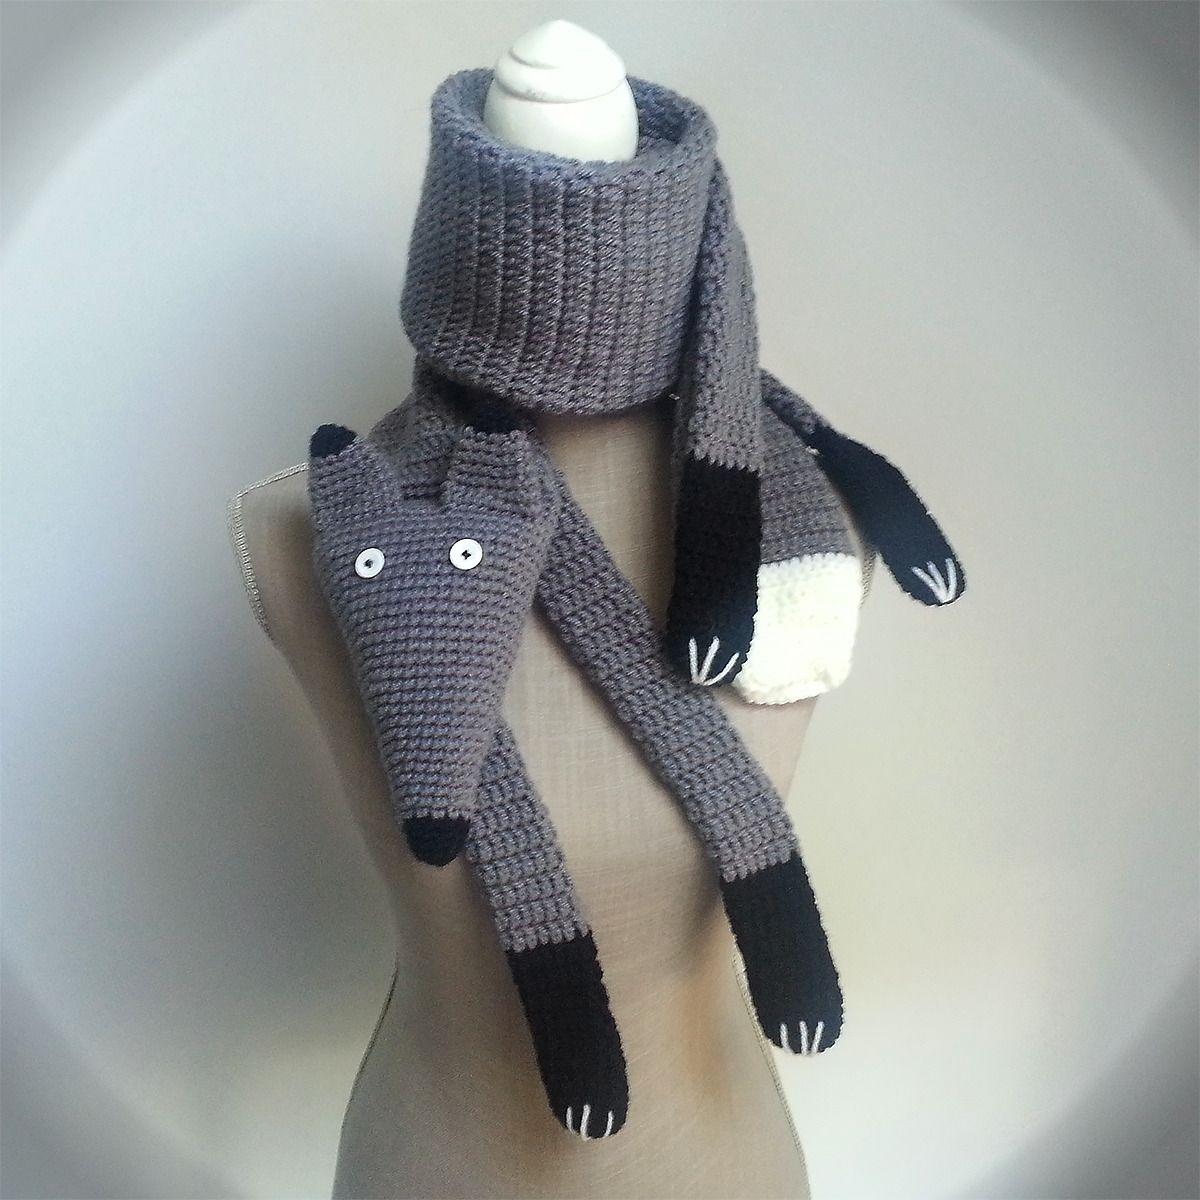 Echarpe au crochet loup renard gris originale en laine, fait main ...